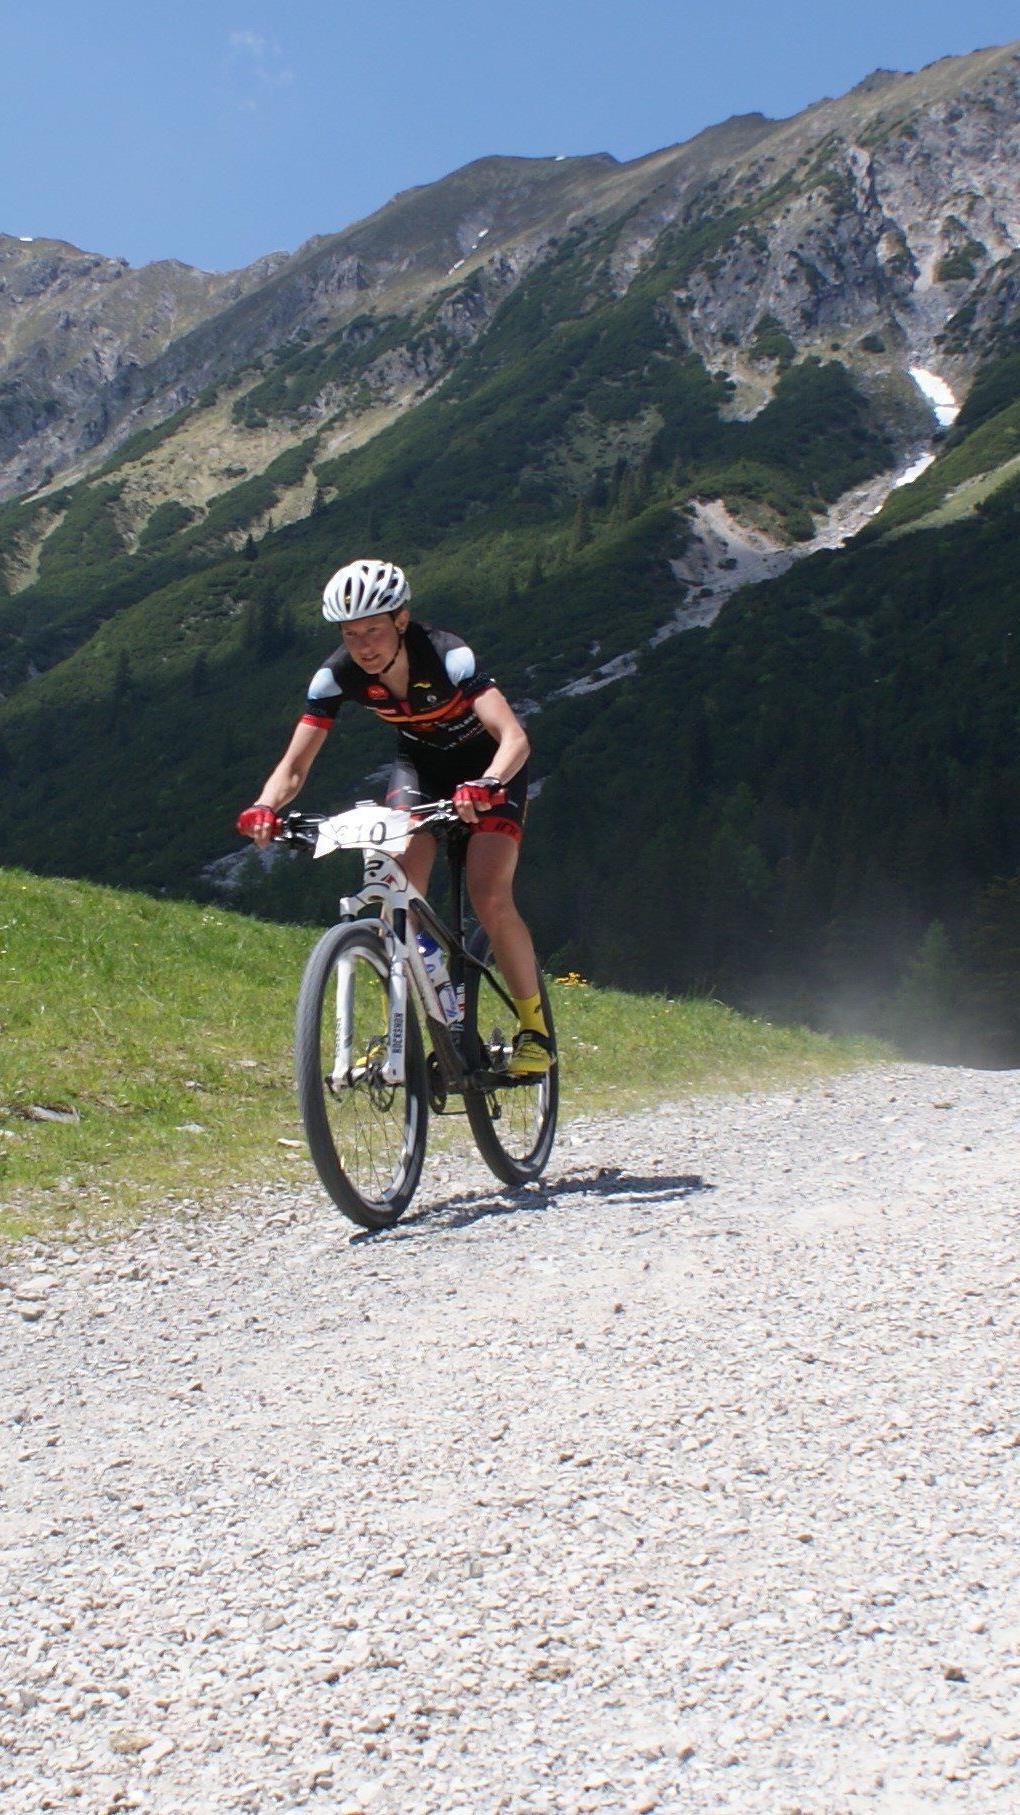 Trotz Hitzeschlacht: Premiere von der Alpen Challenge fand großen Anklang